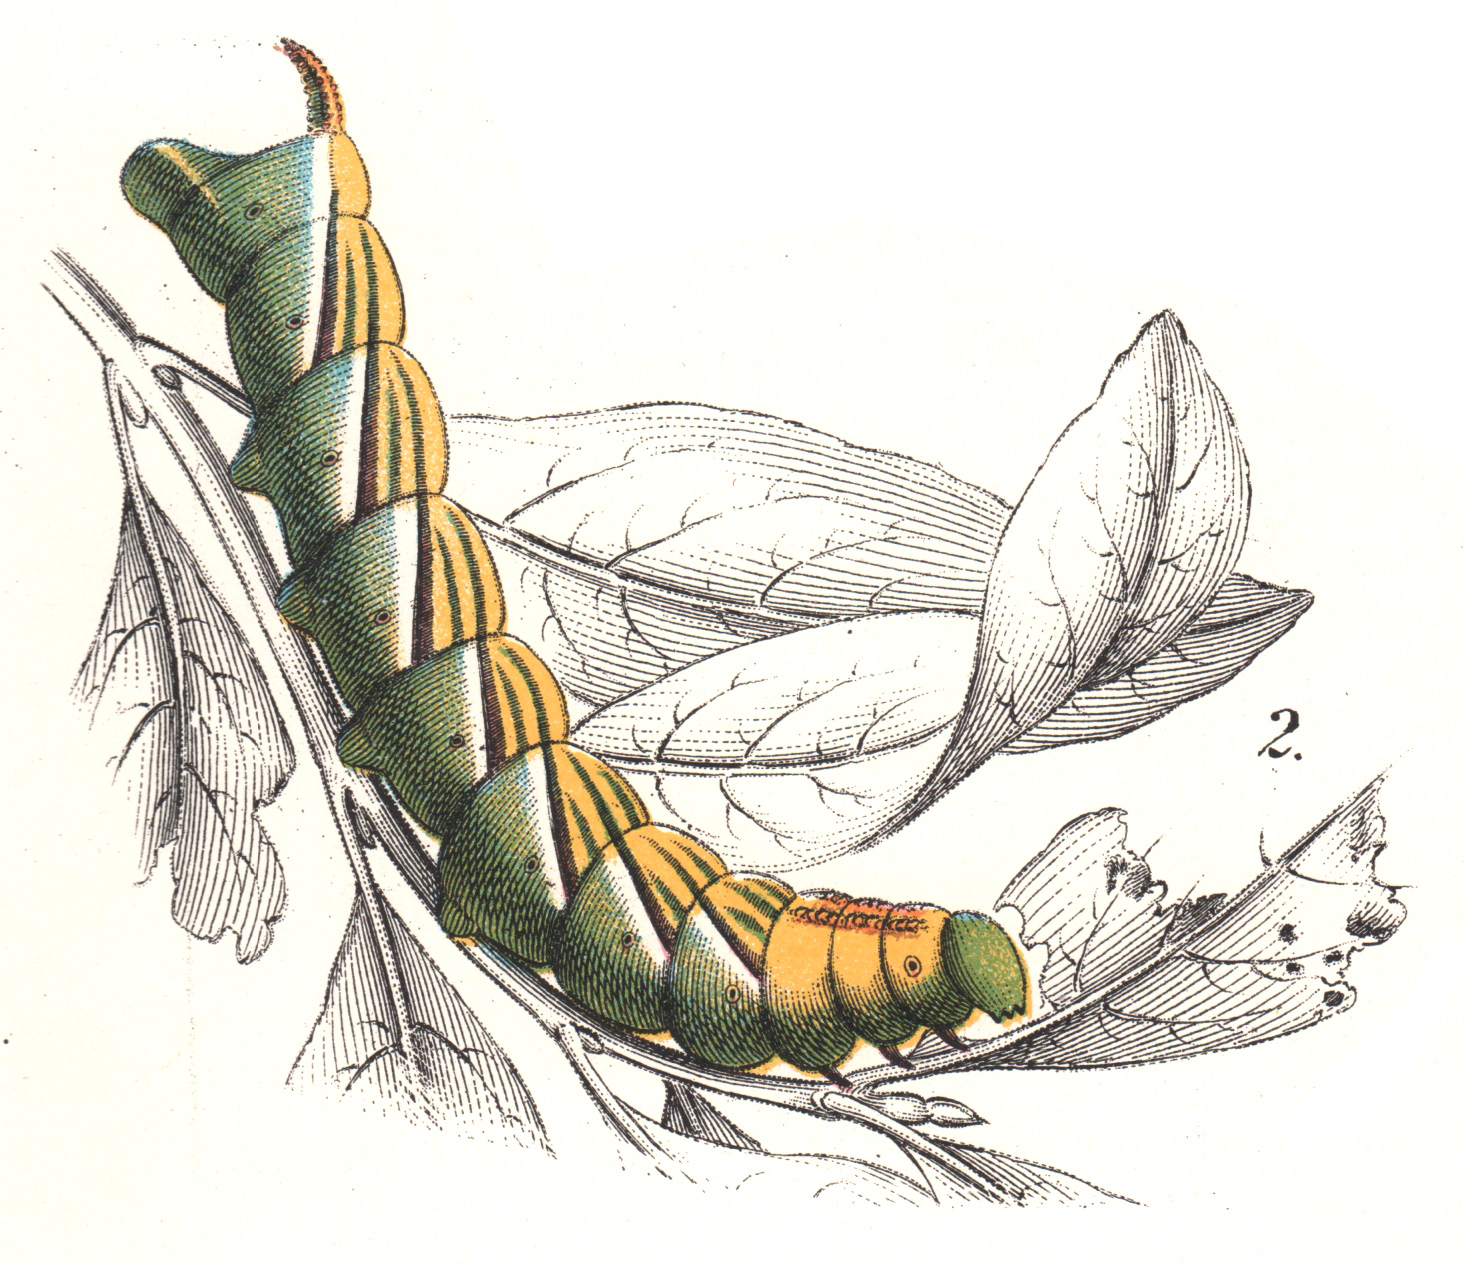 Wyman & Sons / Lloyd's Natural History –Butterflies, Moths, Caterpillars, etc.